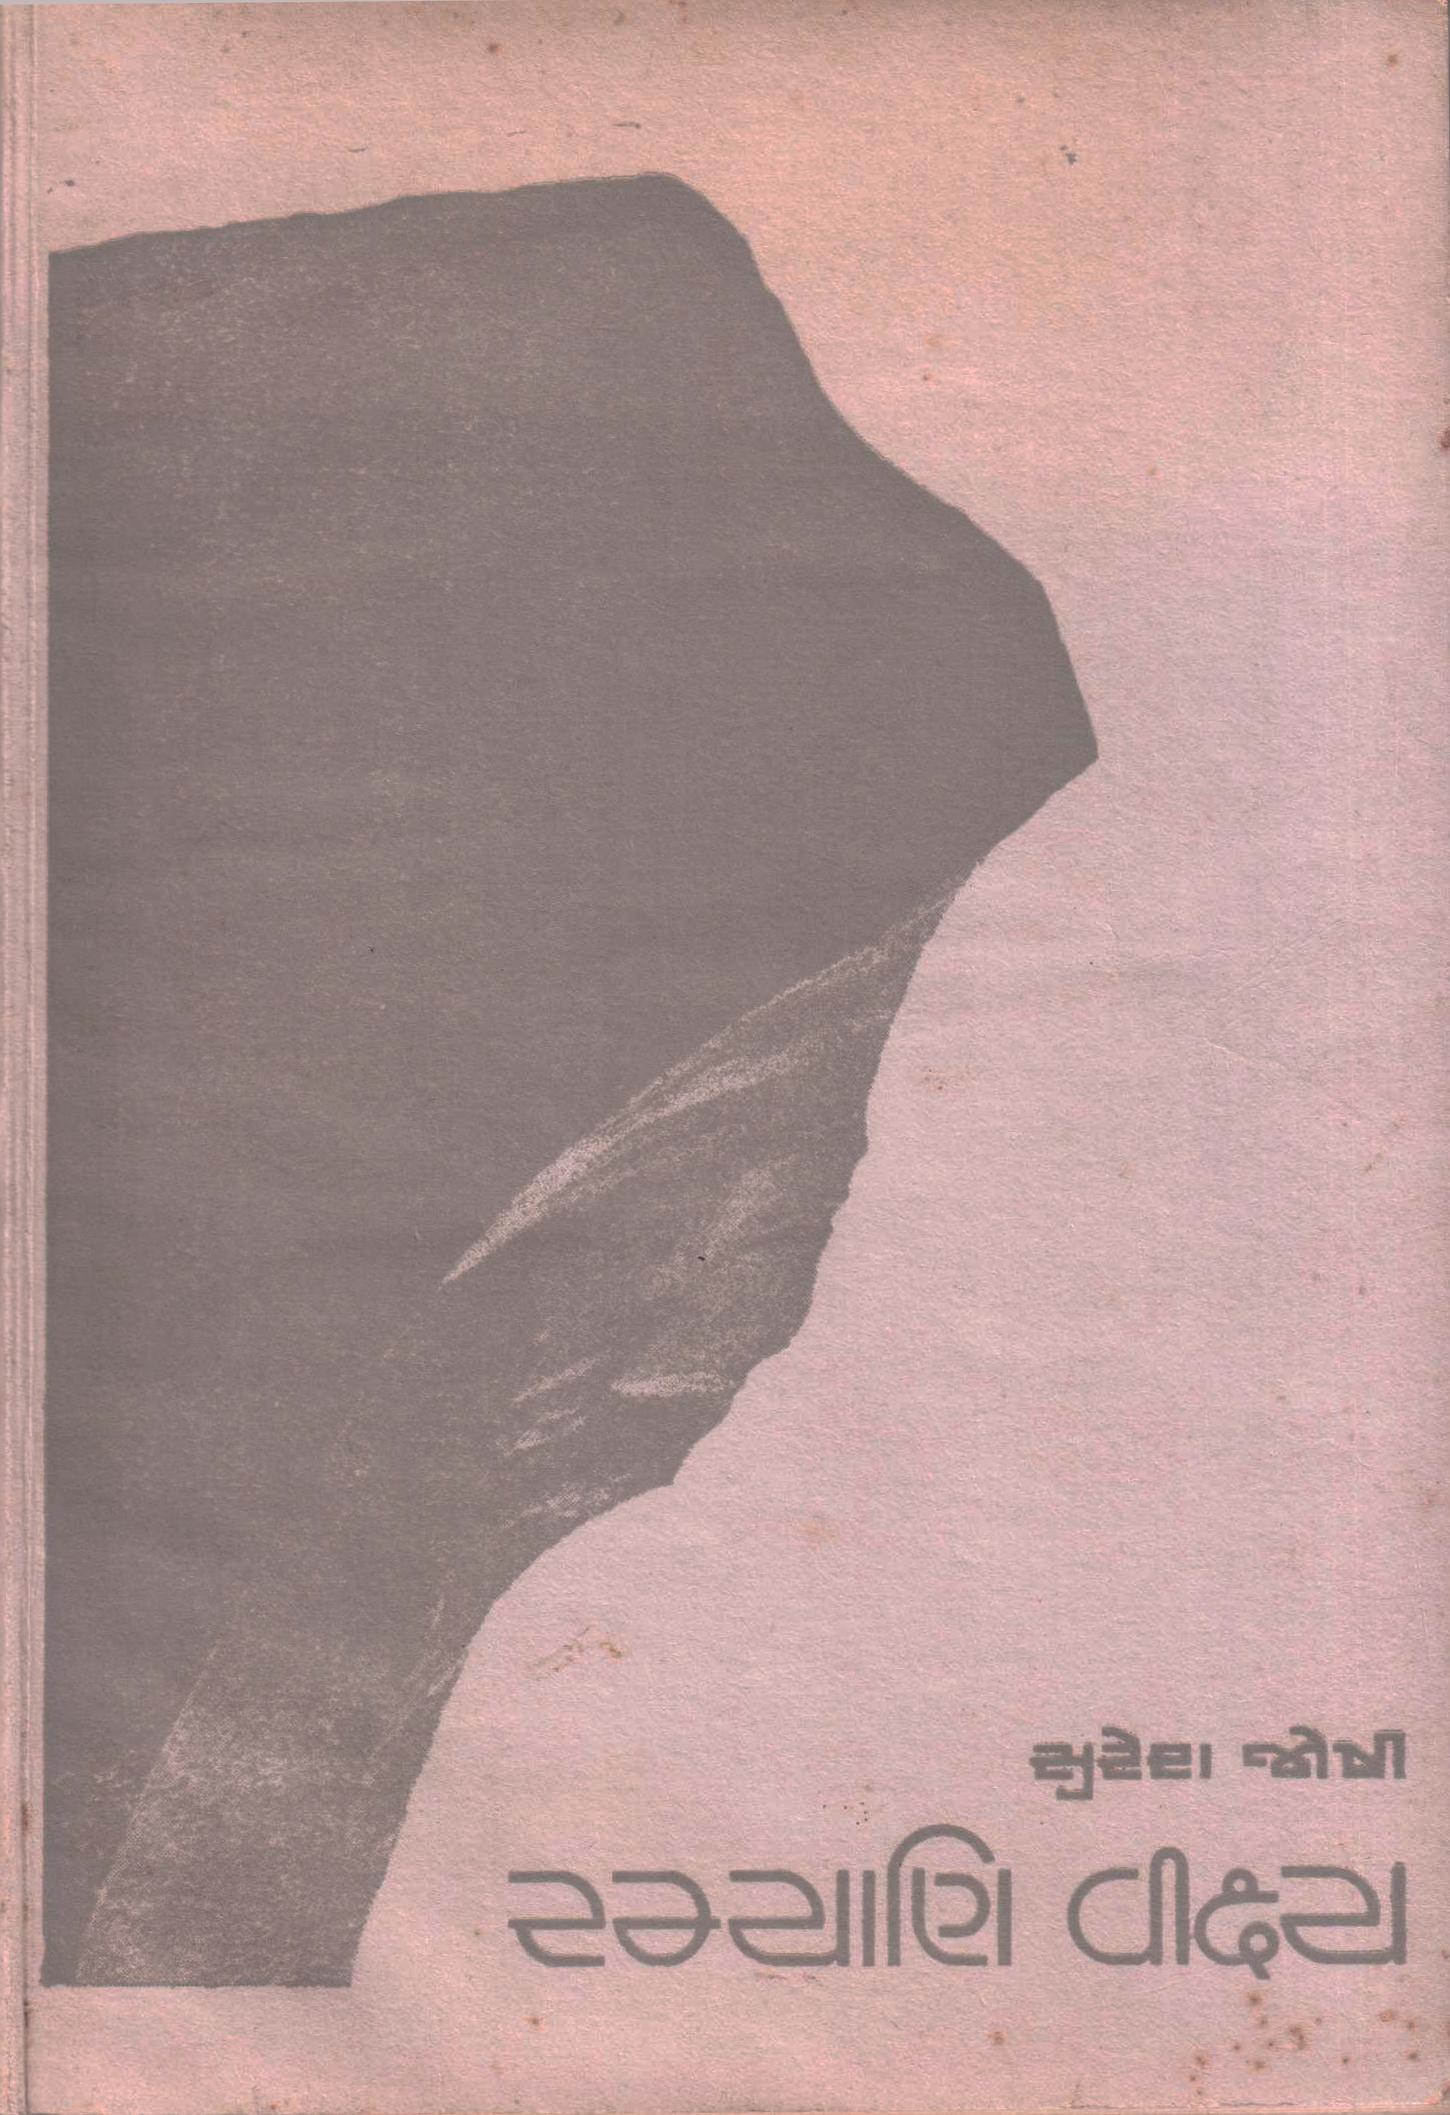 Cover image for રમ્યાણિ વીક્ષ્ય